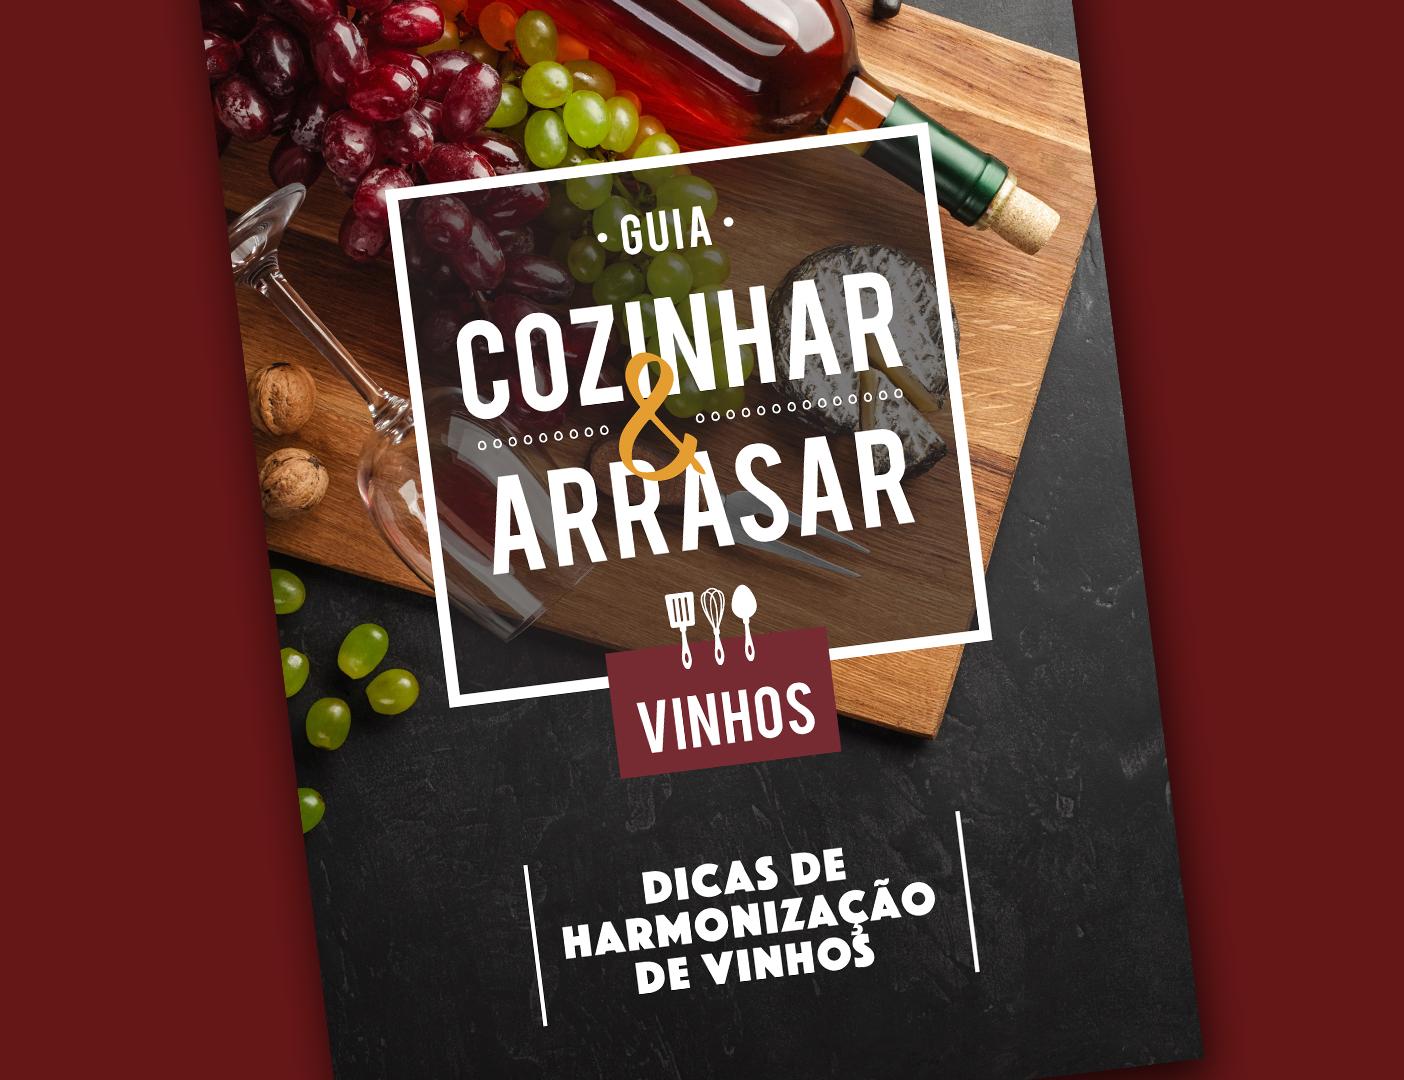 Guia Cozinhar & Arrasar - VINHOS